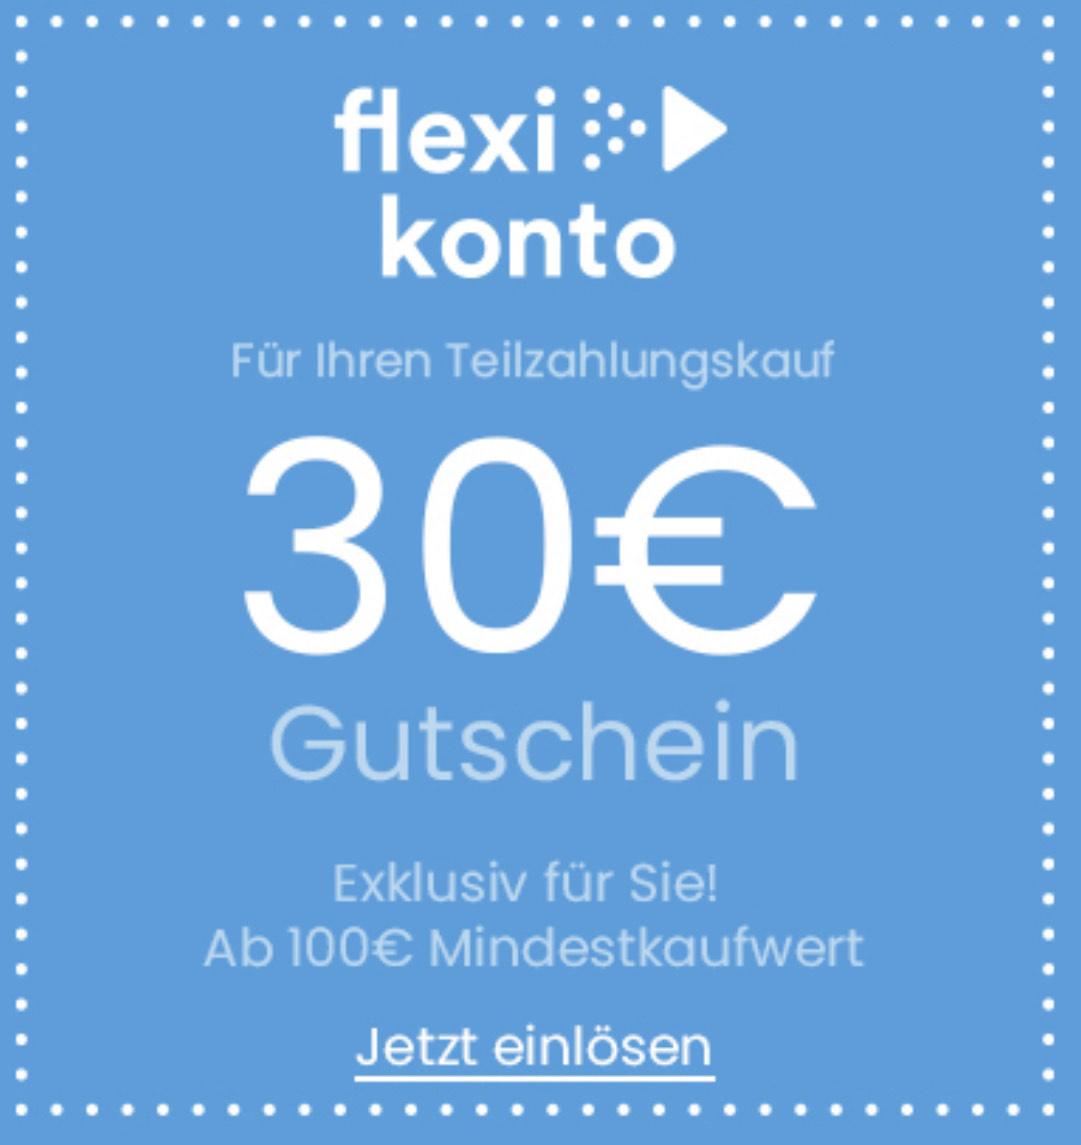 30 € Gutschein - 100 € Mindestkaufwert (nur für Premiumkunden bei Teilzahlungskauf). ZB.: 4er-Set Apple AirTag um nur € 89,—!